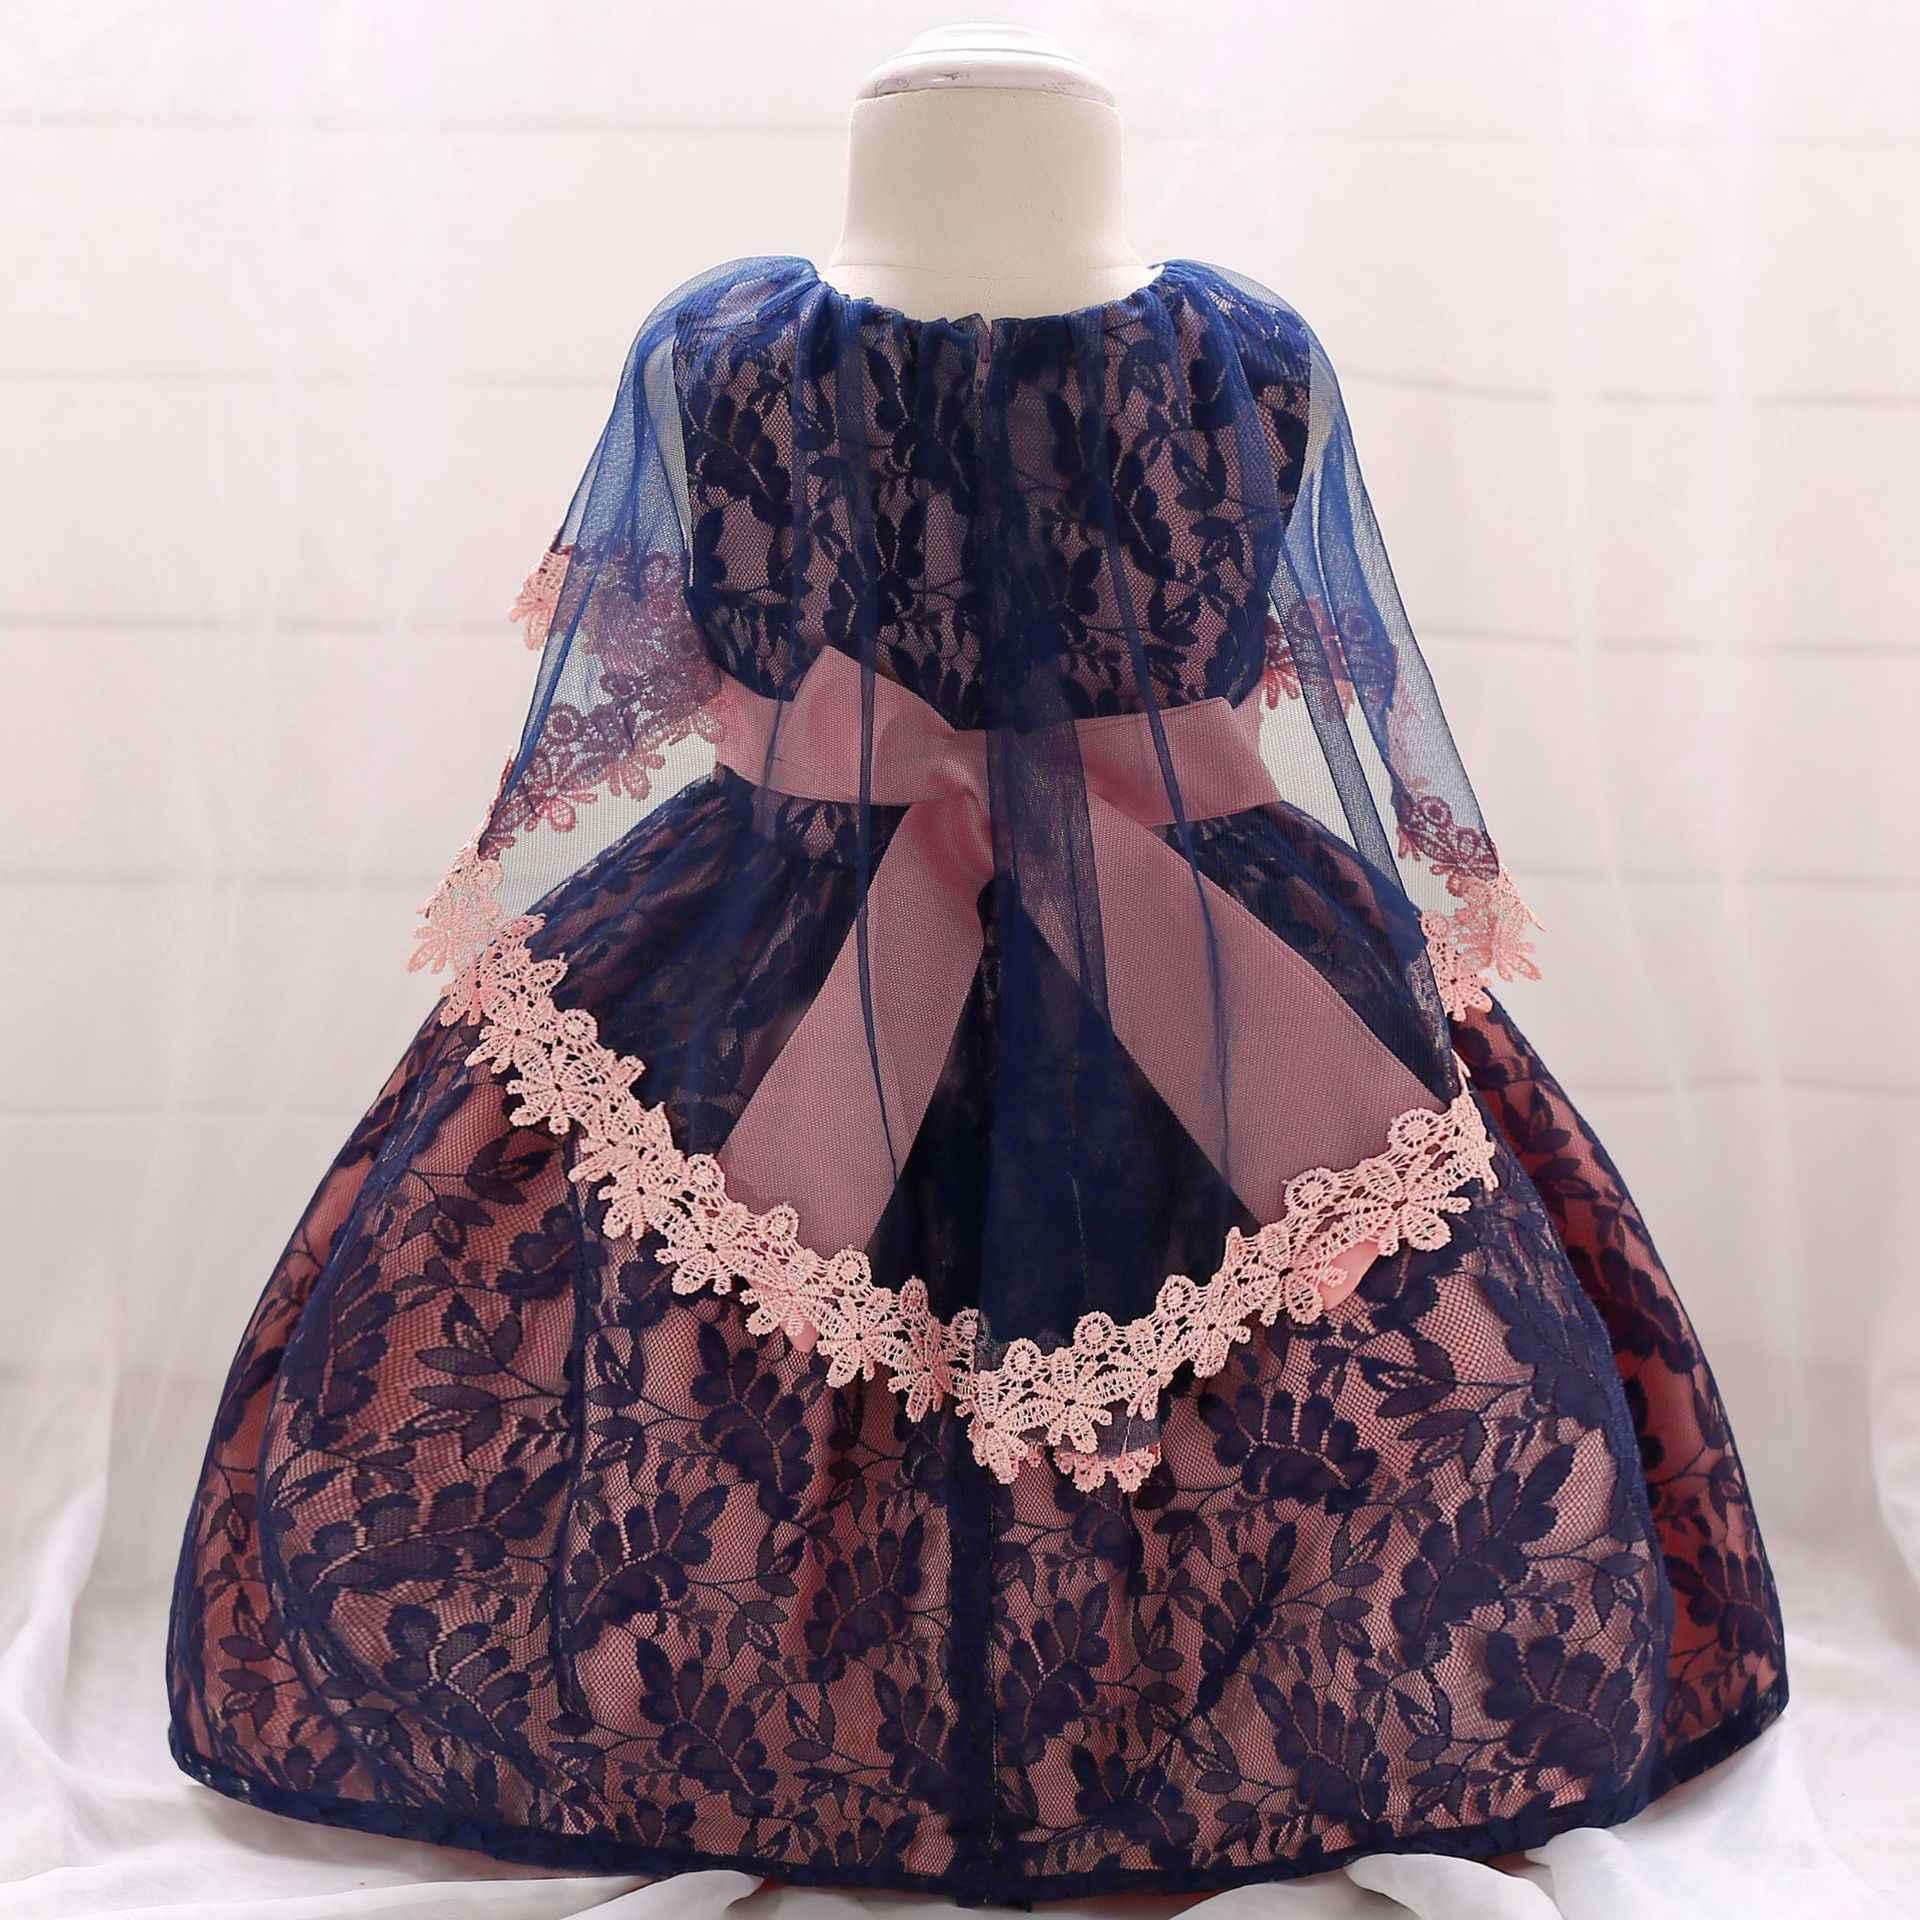 W wieku 0-2 lat dziewczyny sukienka na imprezę kostium dla dzieci noworodka kwiat dziewczyny księżniczka ubrania sukienki pierwsza komunia chrzest vestido odzież